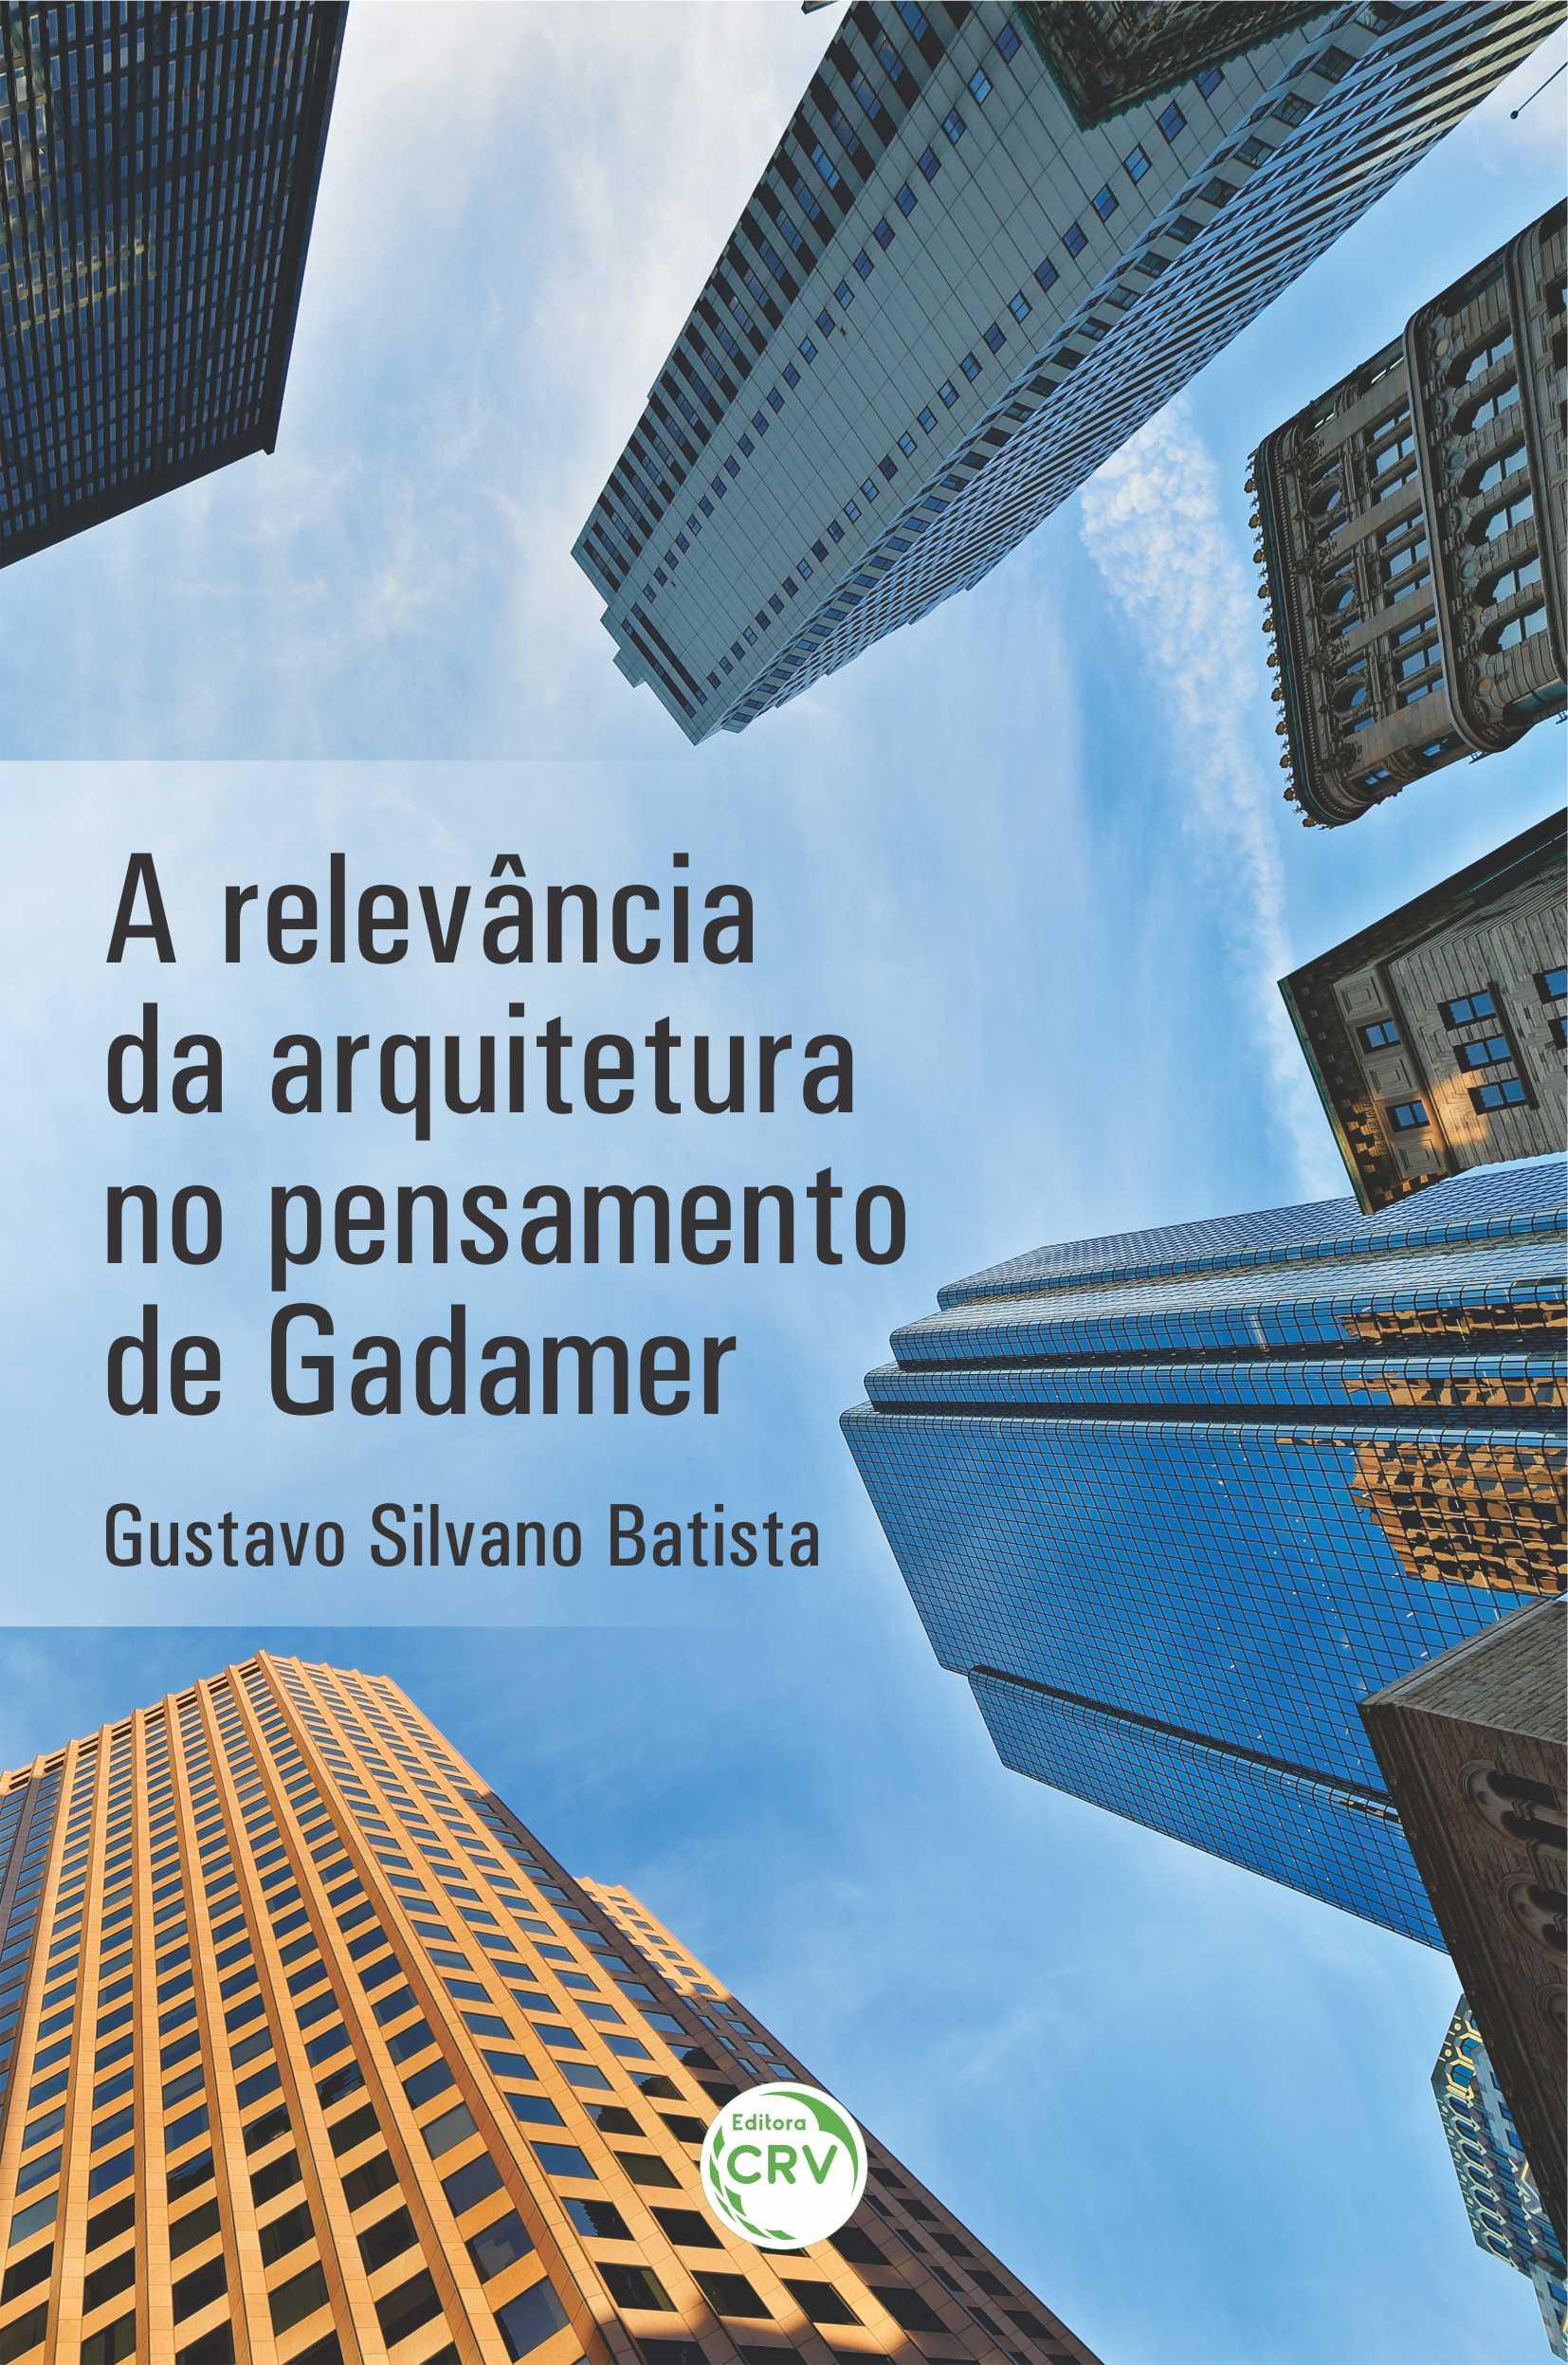 Capa do livro: A relevância da arquitetura no pensamento de Gadamer